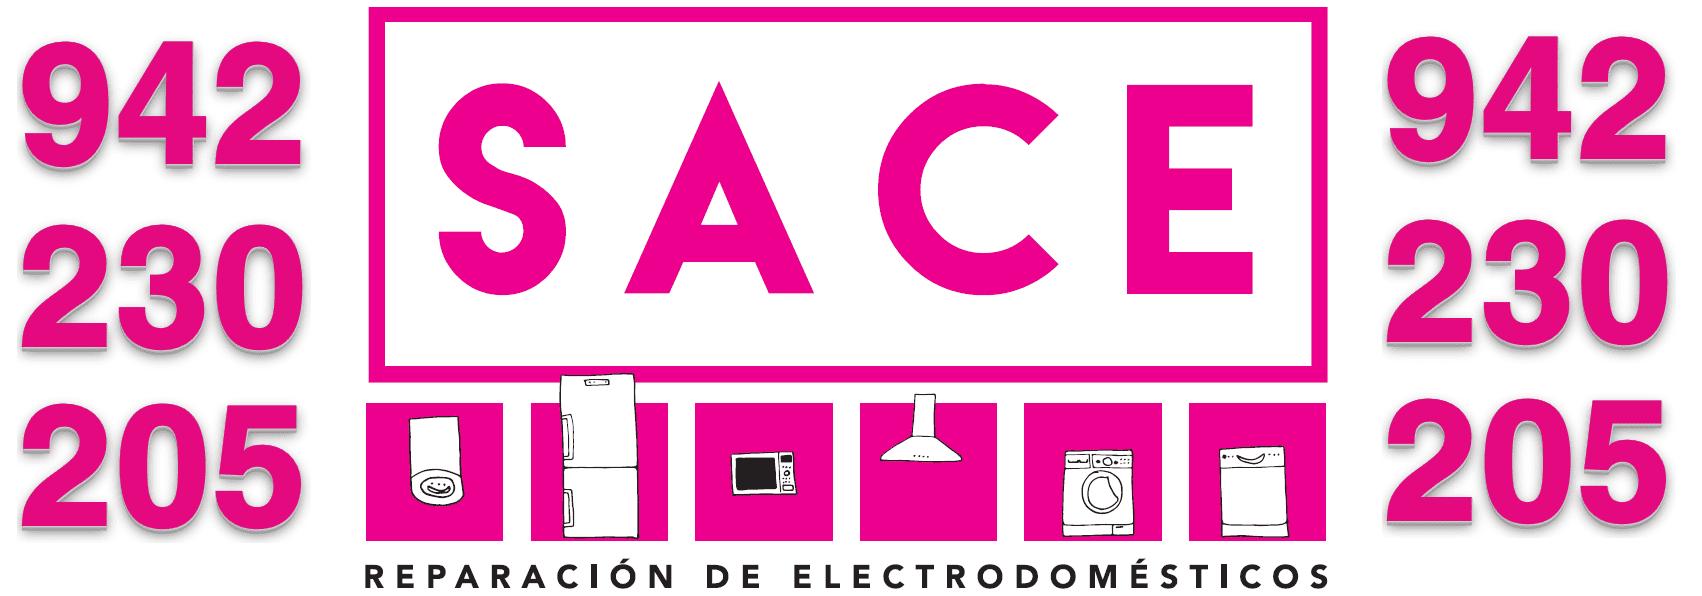 Sace Reparacion De Electrodomesticos Mejor Precio En Santander Lavadoras Neveras Servicio Rapido A Domicilio (2) cantabria